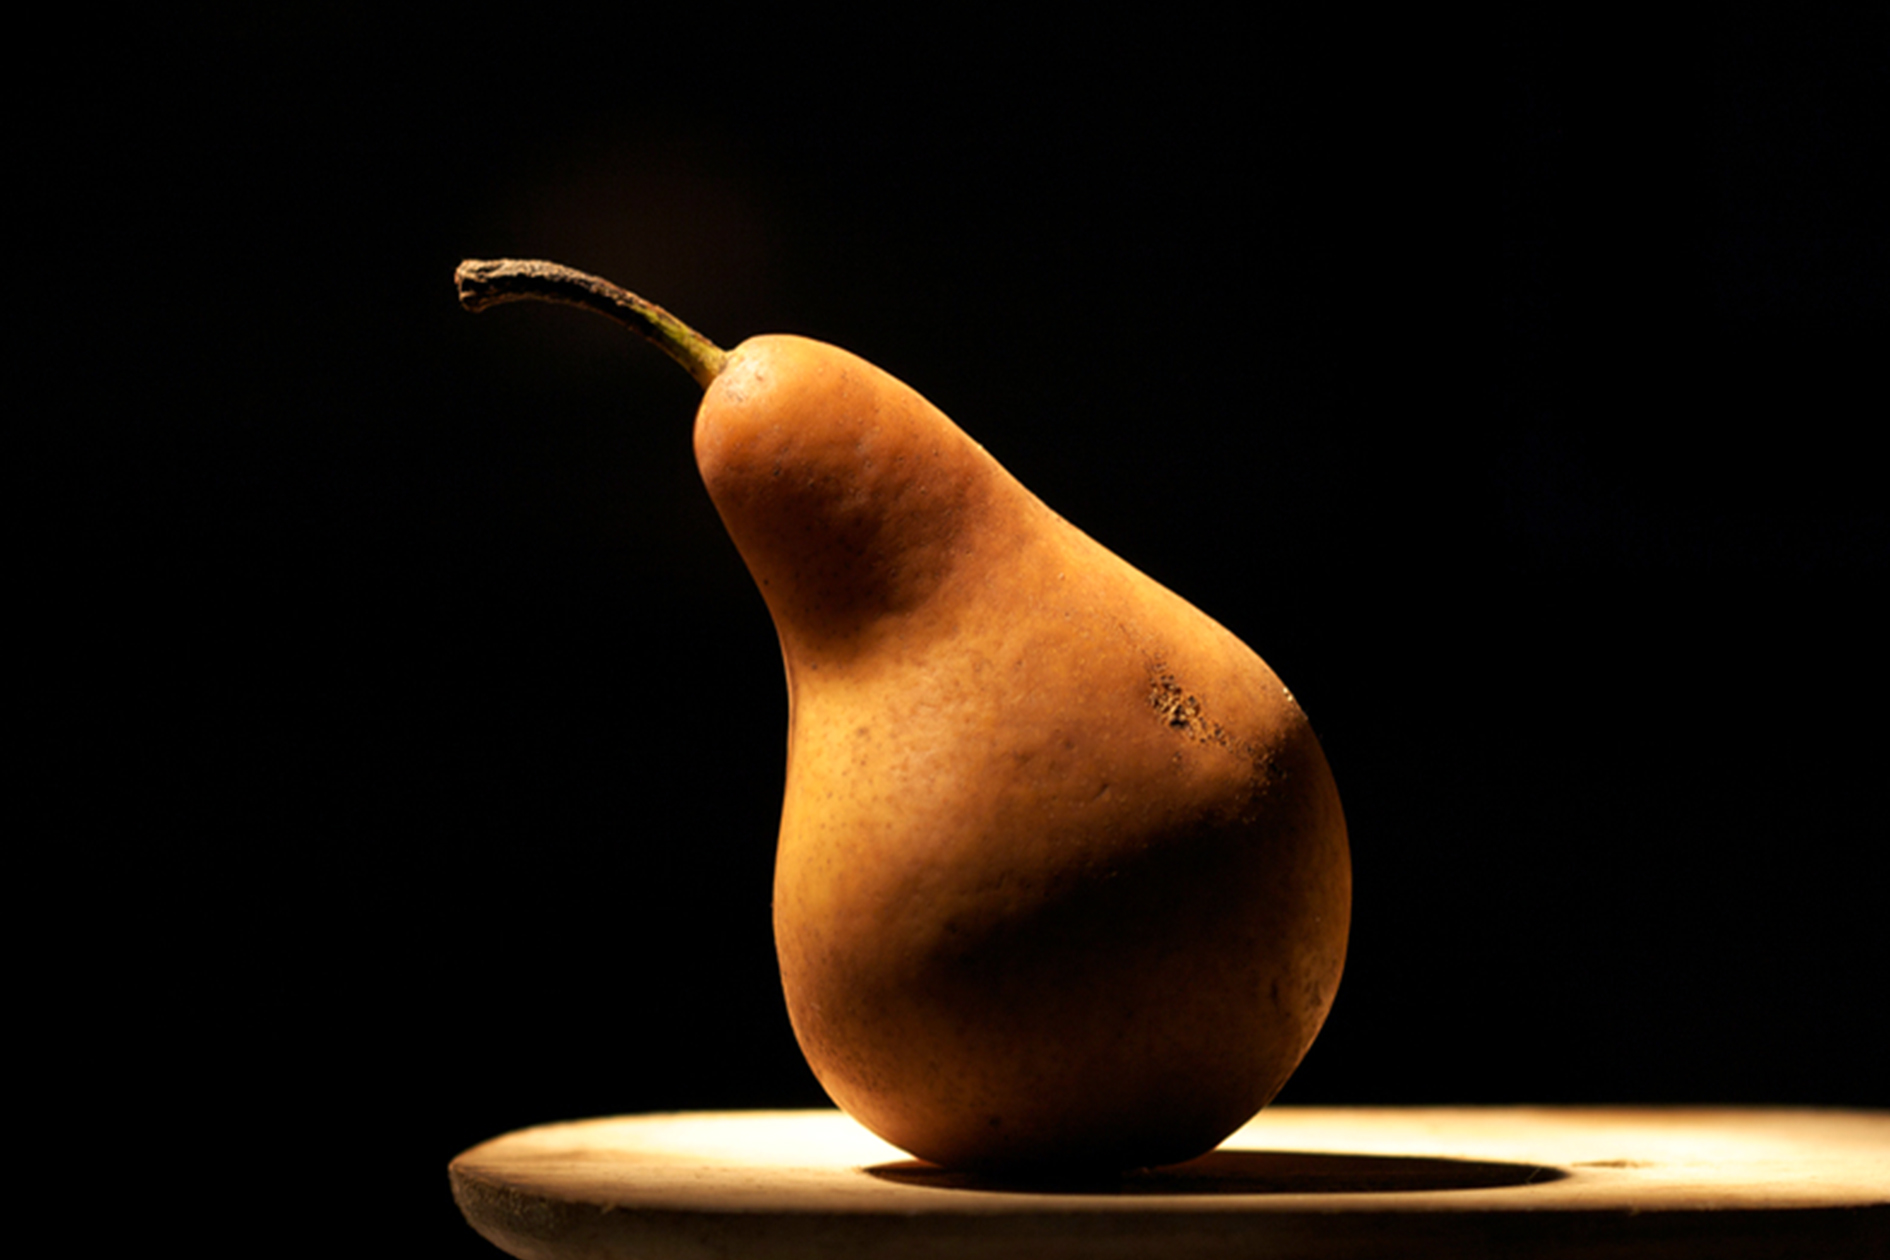 jason-b-graham-pear-armut-0006